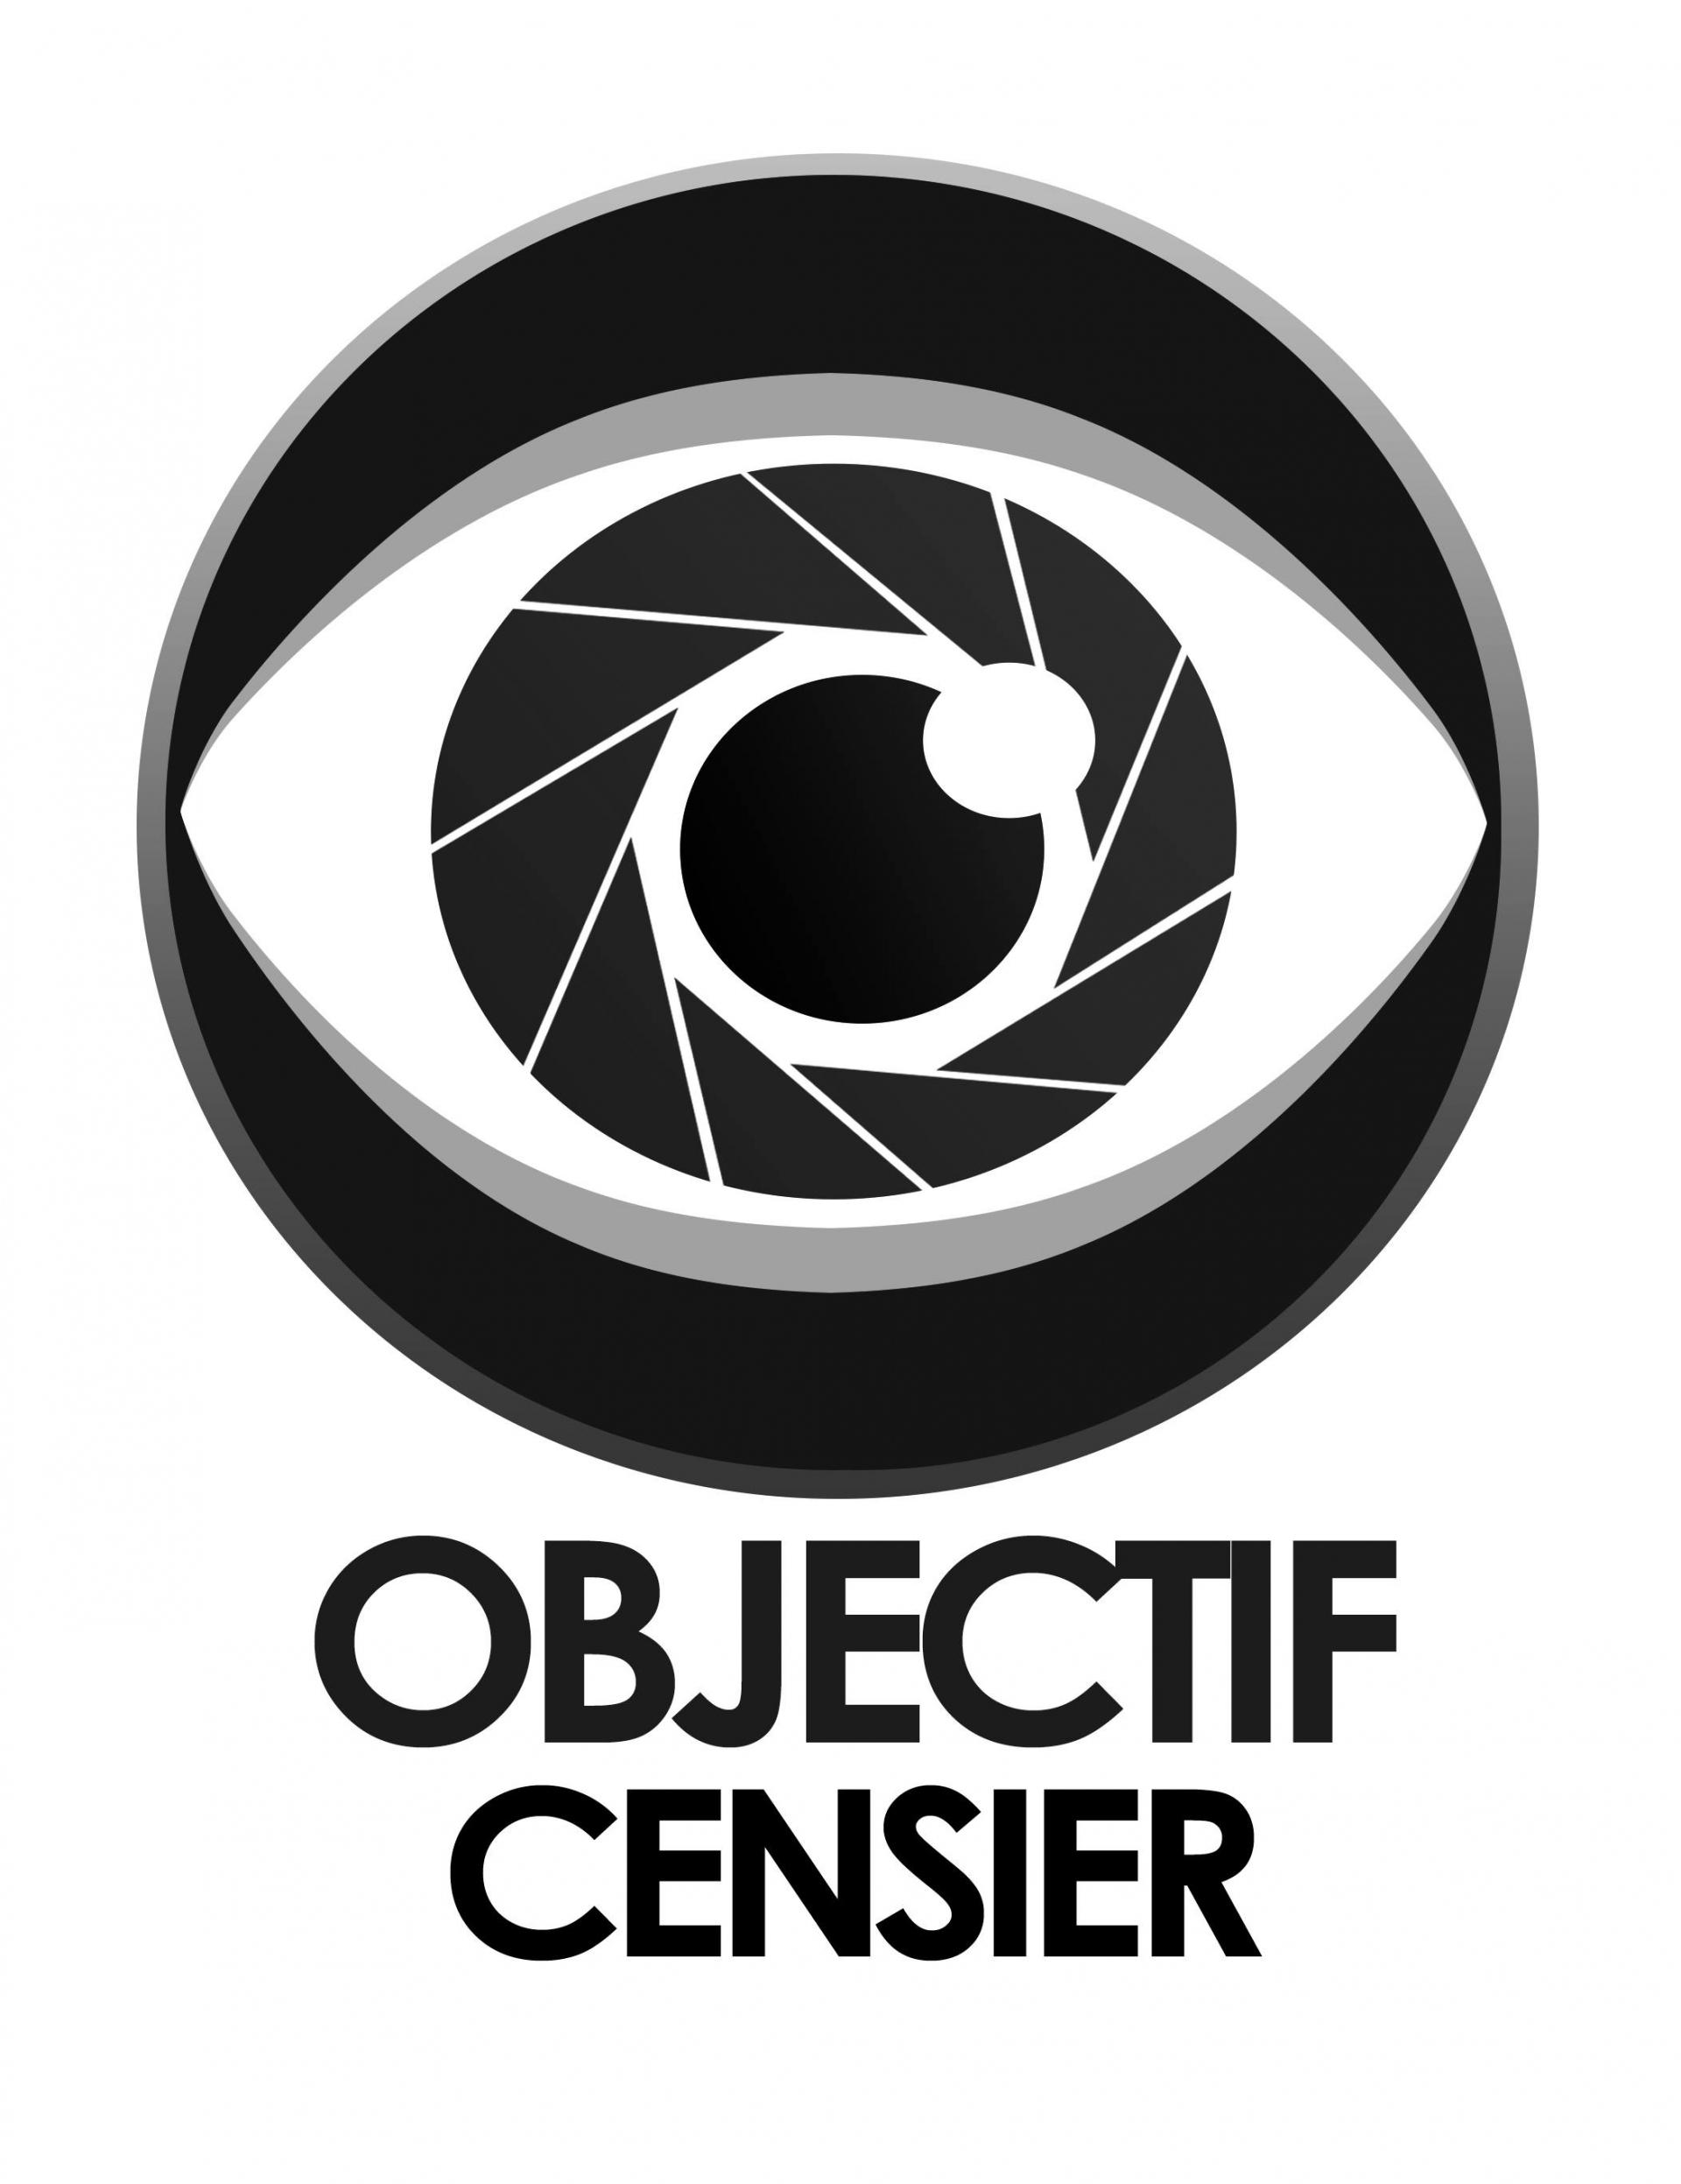 Objectif Censier